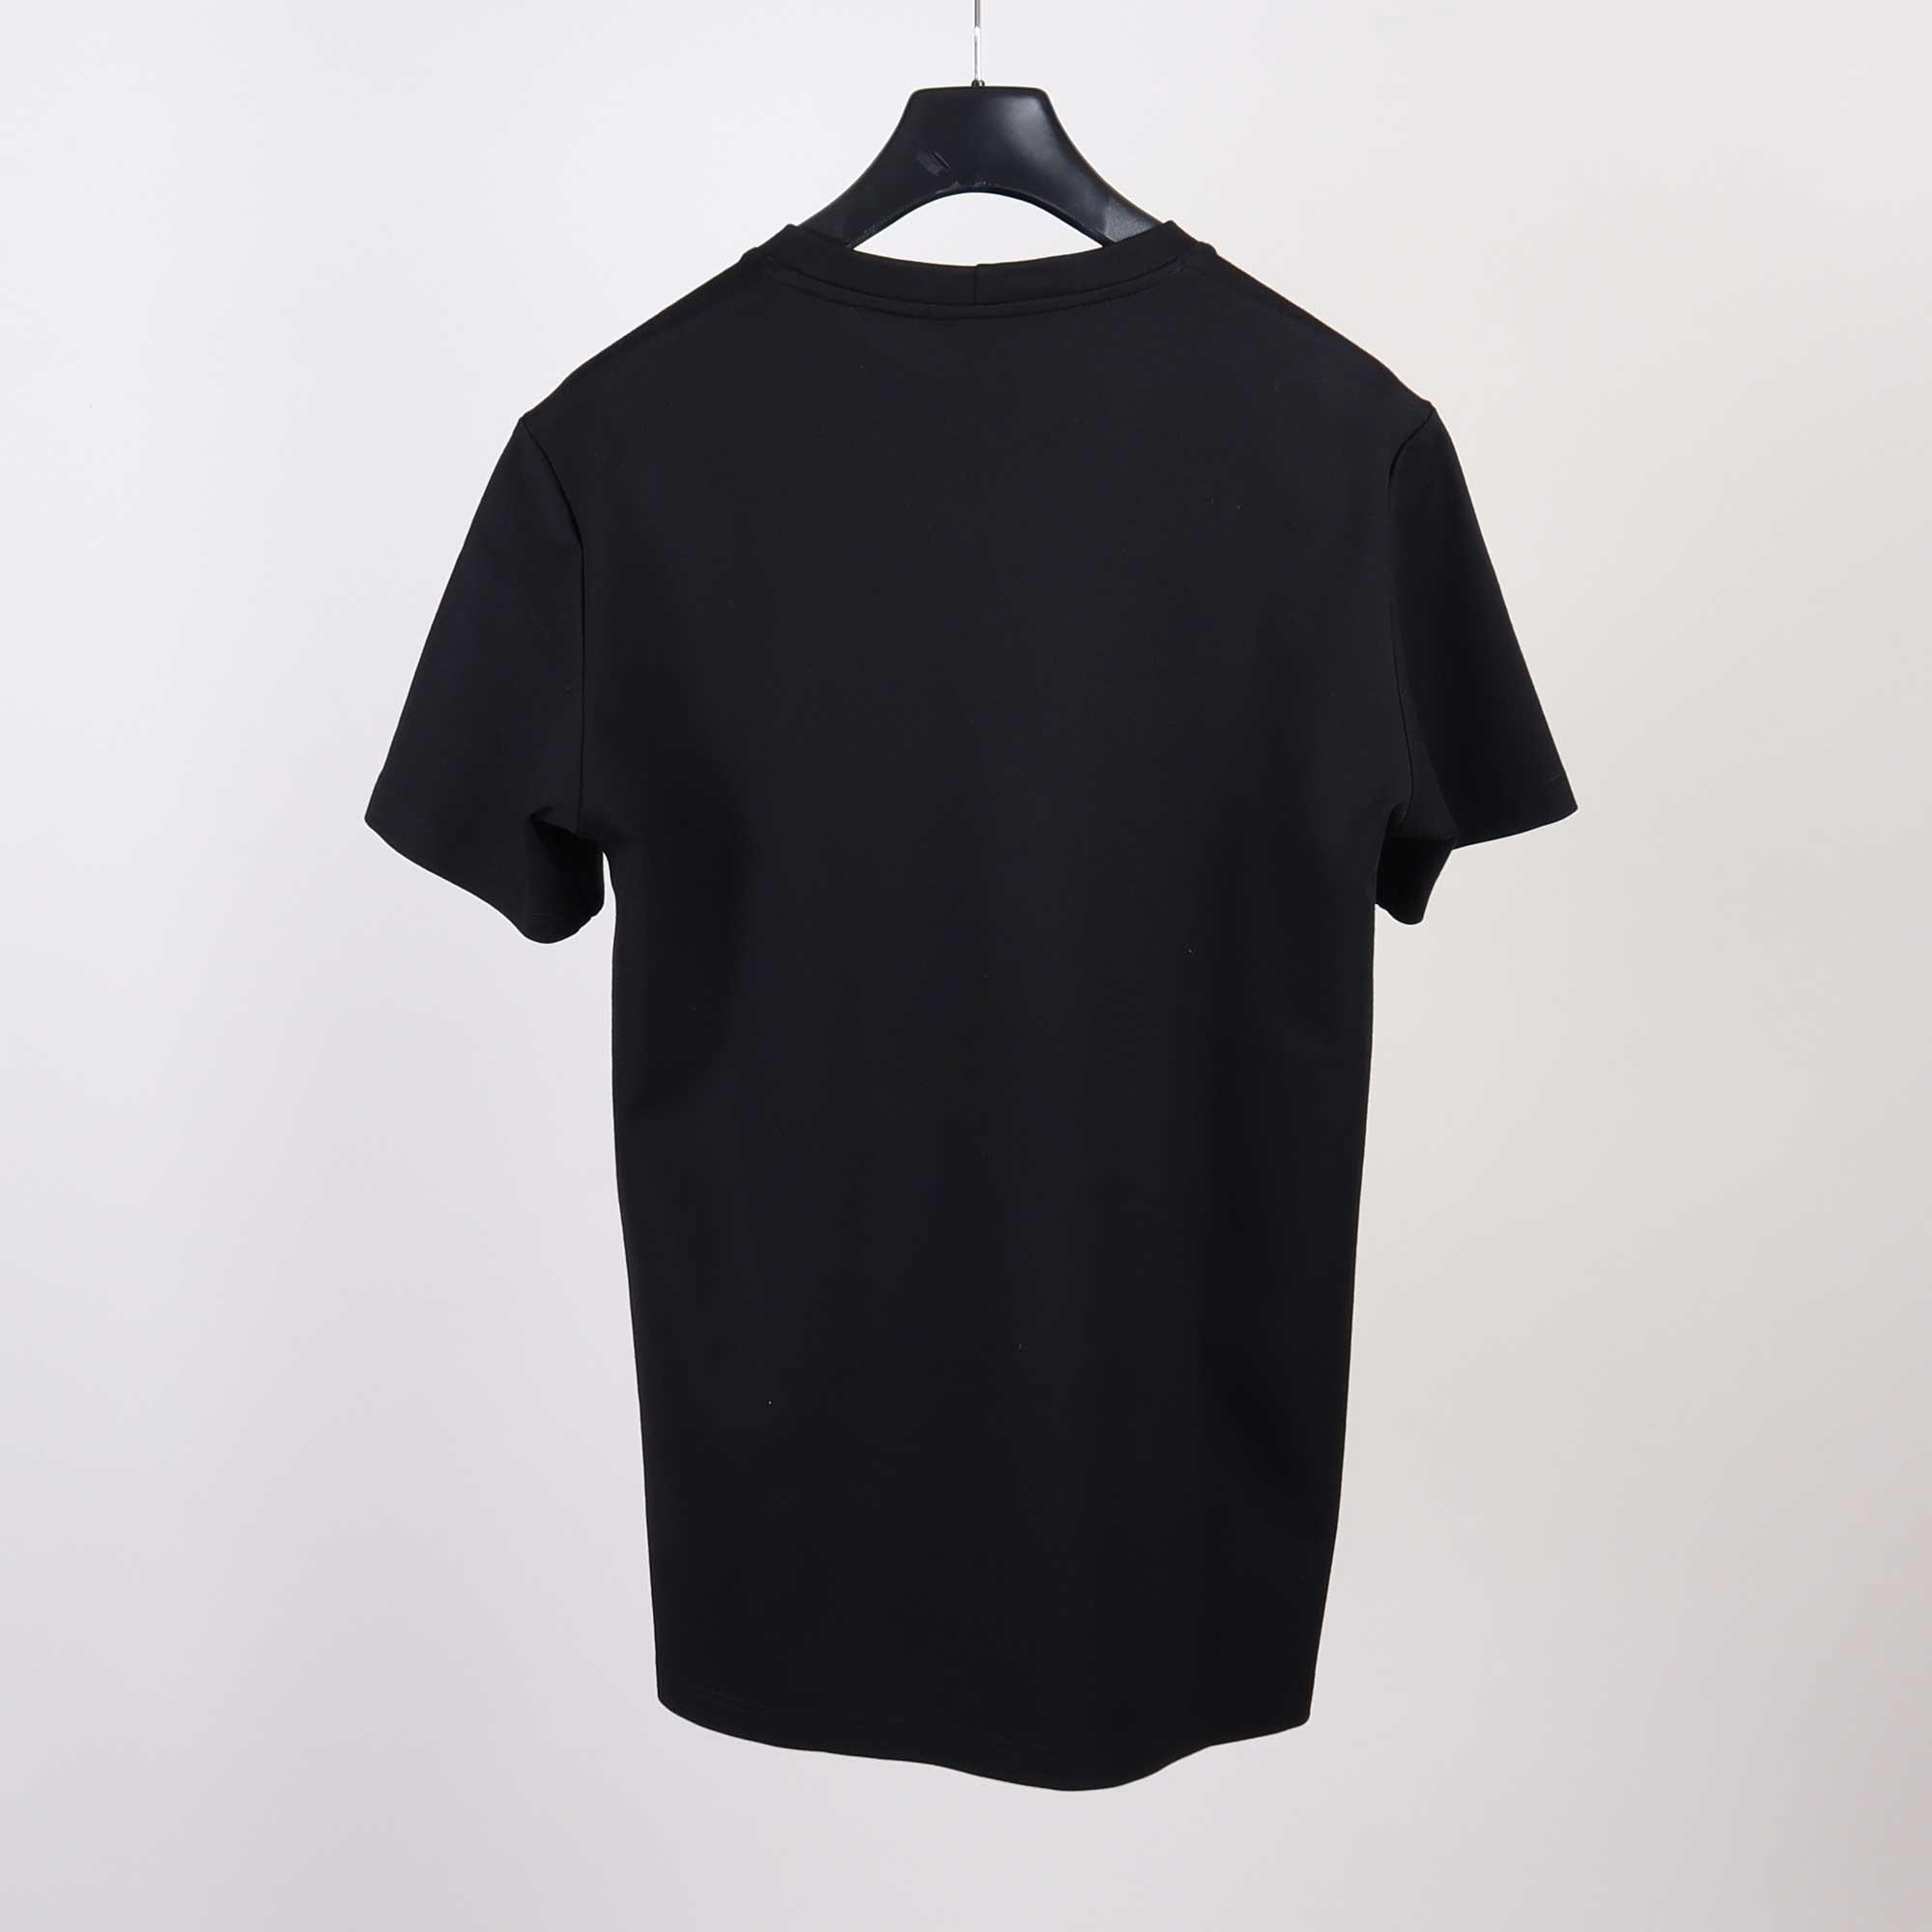 punto-tee-zwart-2png